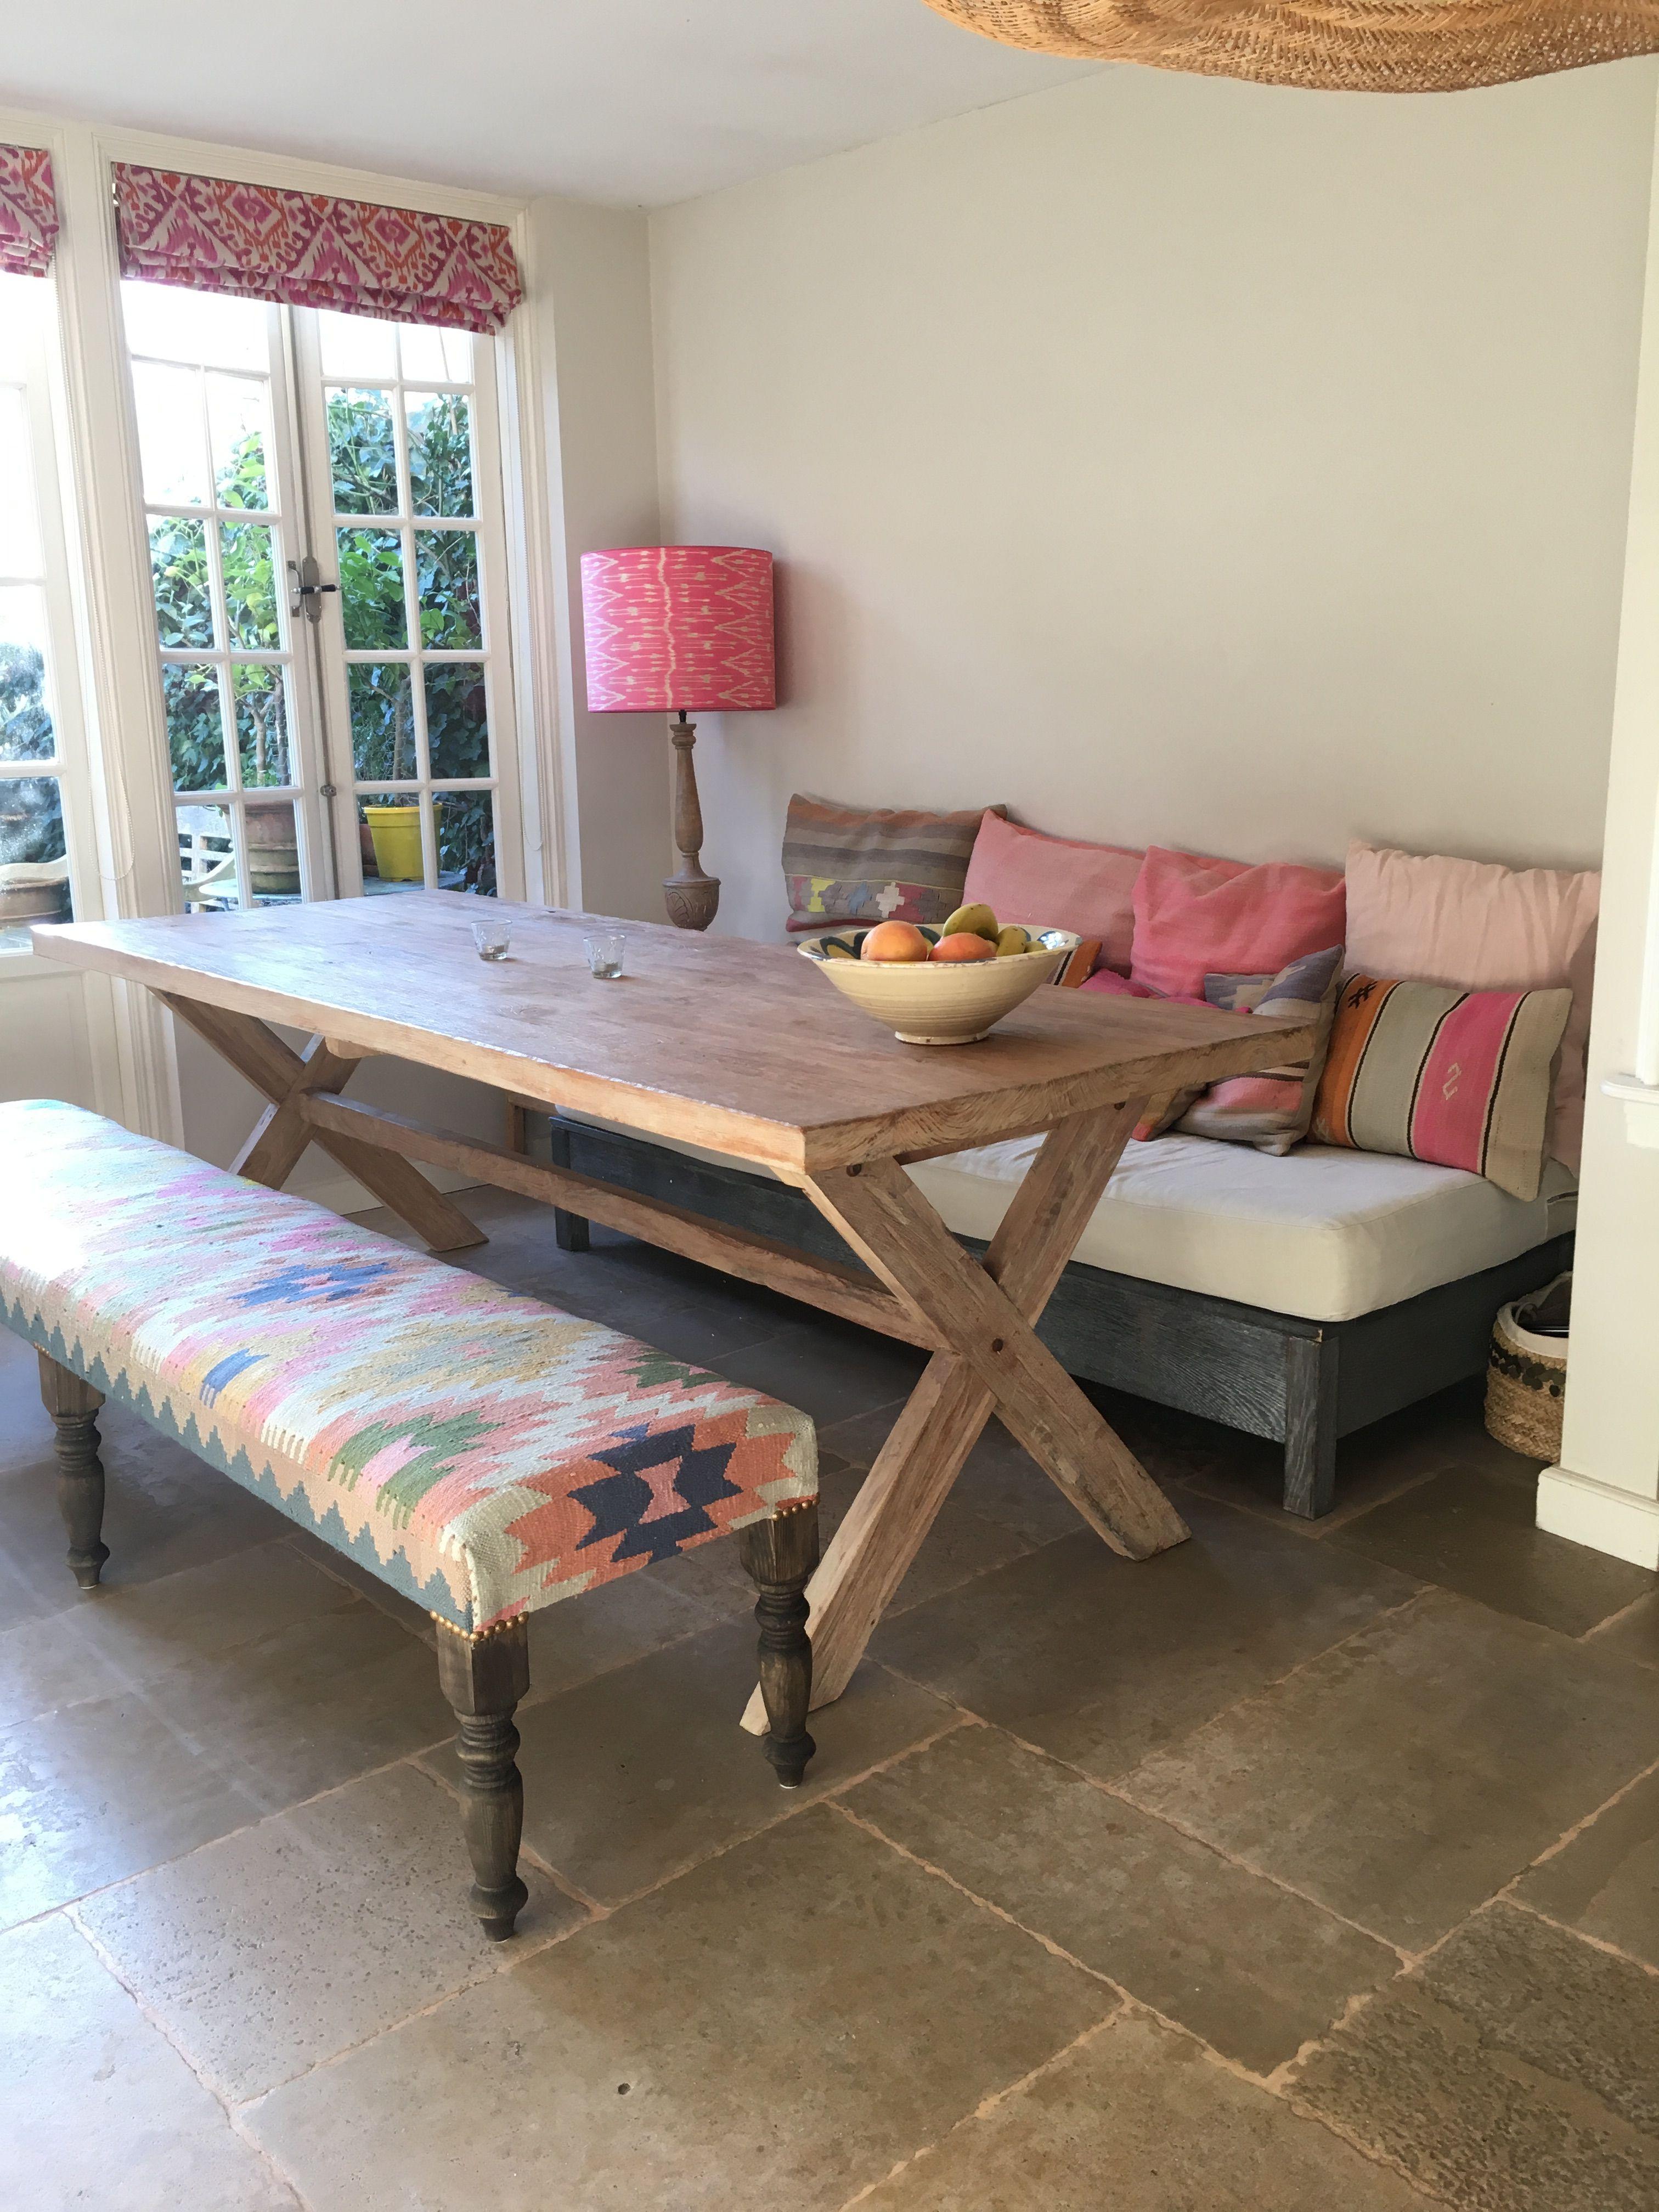 Kitchen With Unique Kilim Bench Project Den Haag By La Vie Boh Me  # Muebles Den Haag